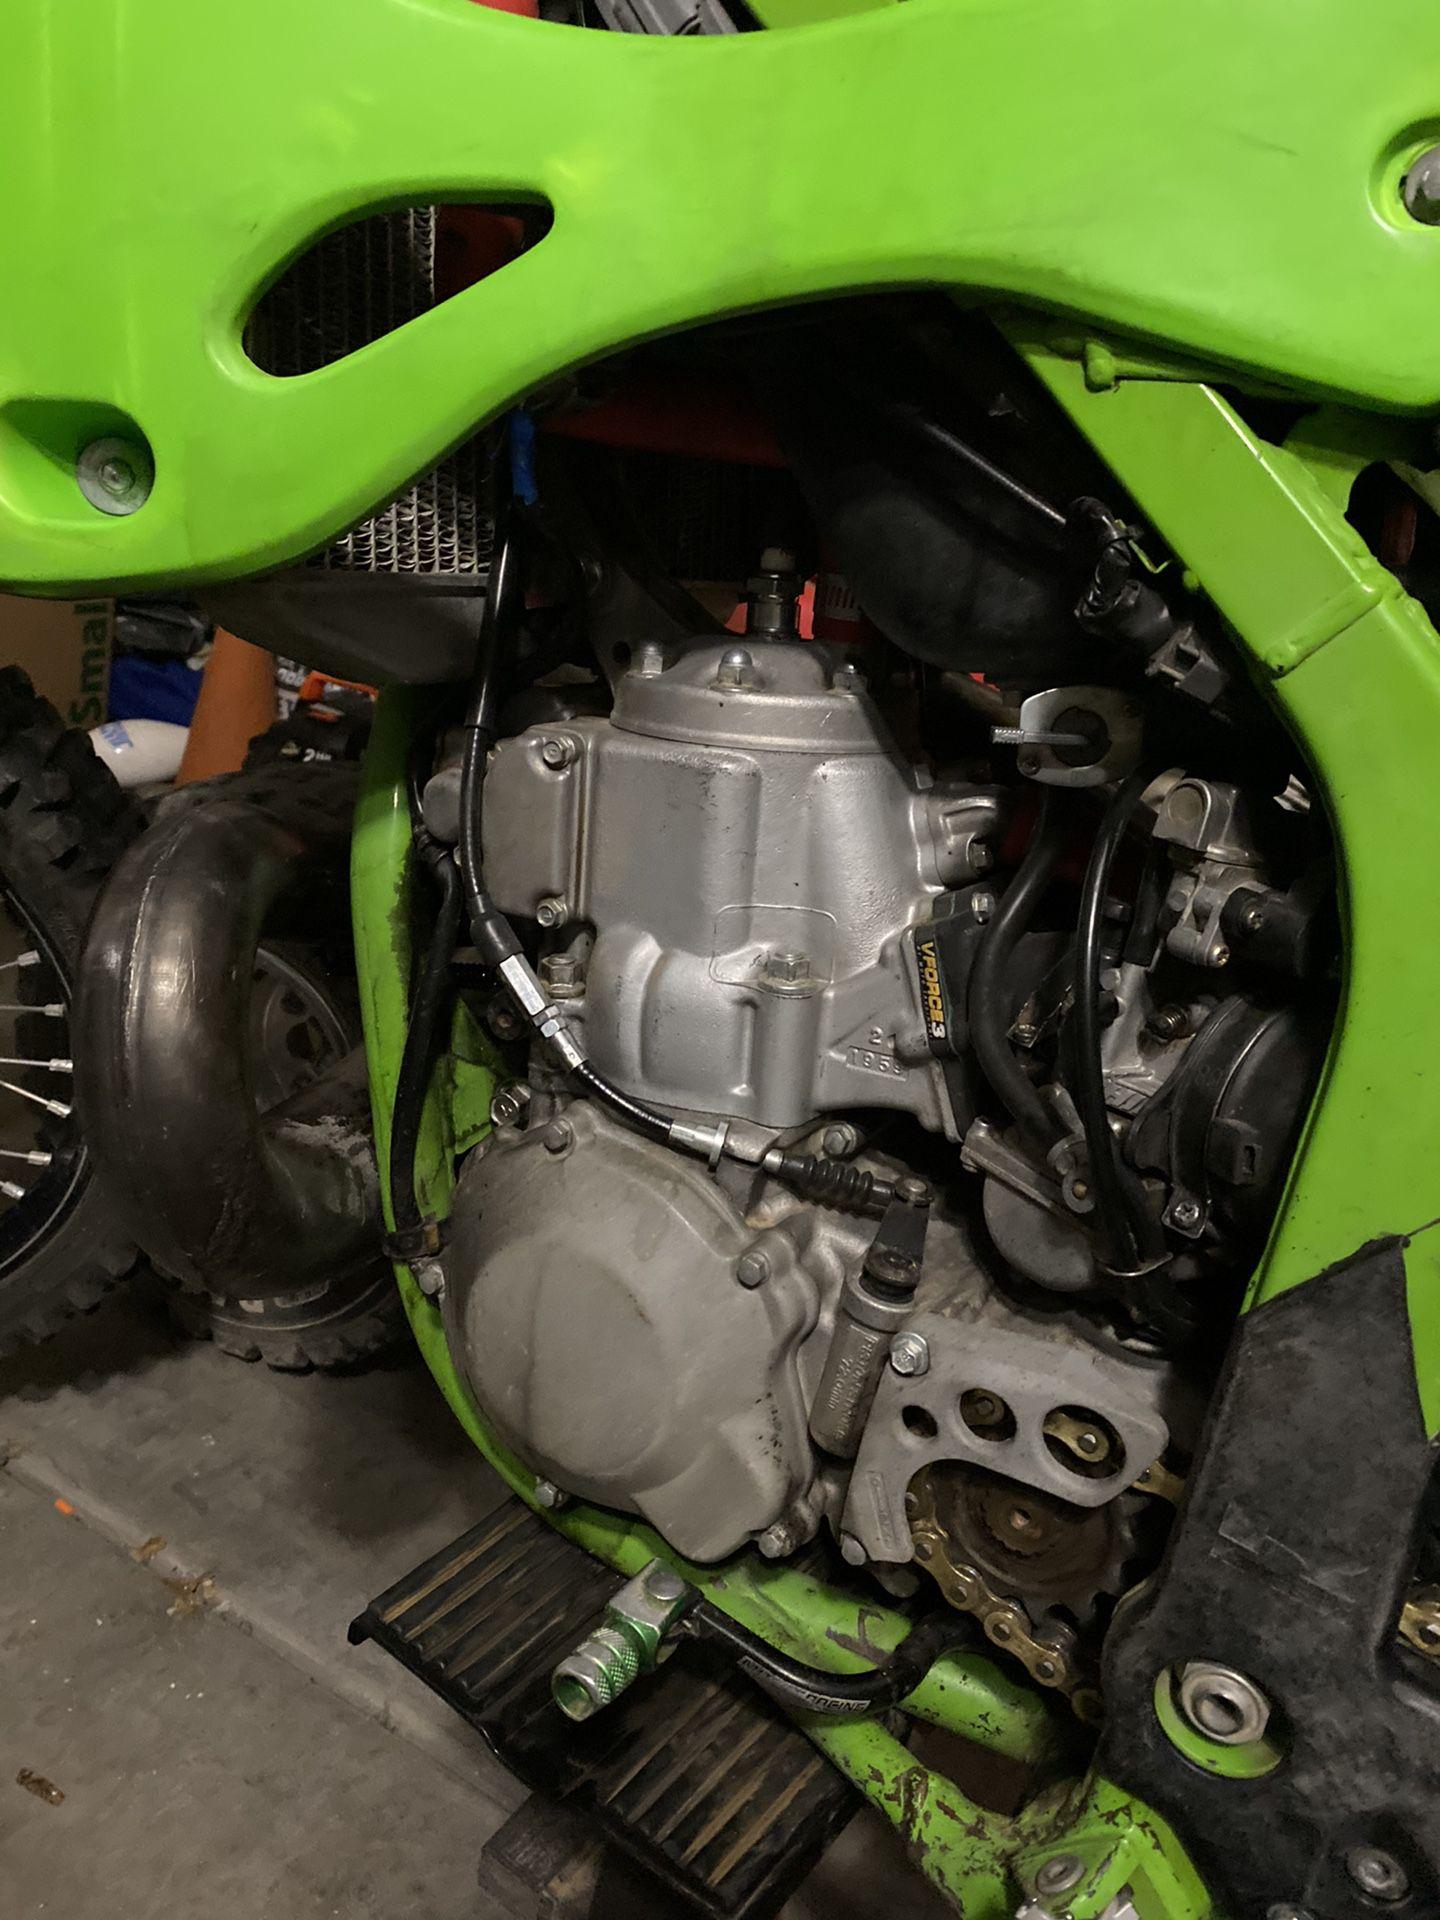 2002 Kawasaki Kx250